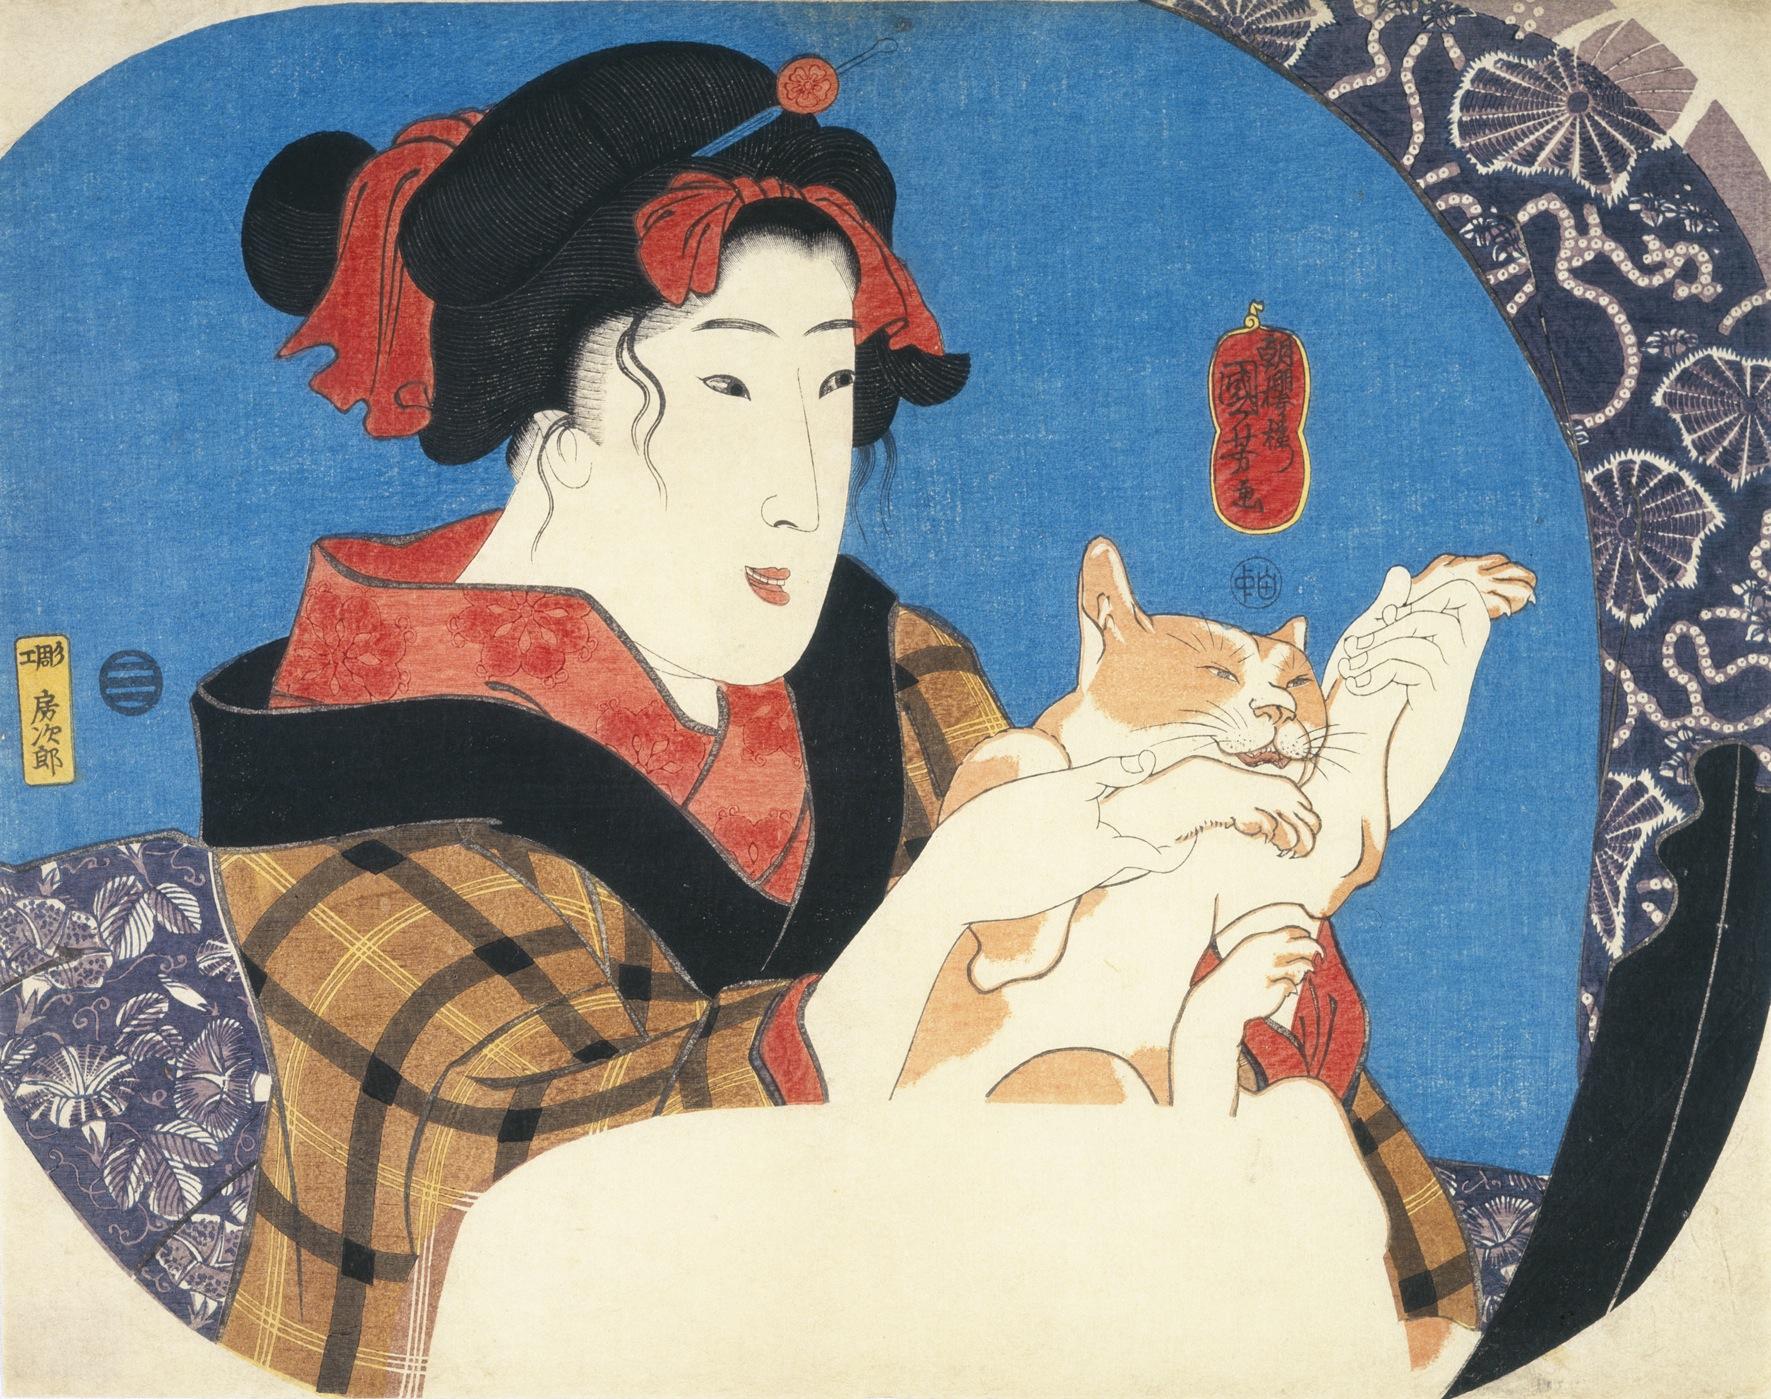 ネコを抱いた女性が描かれた作品